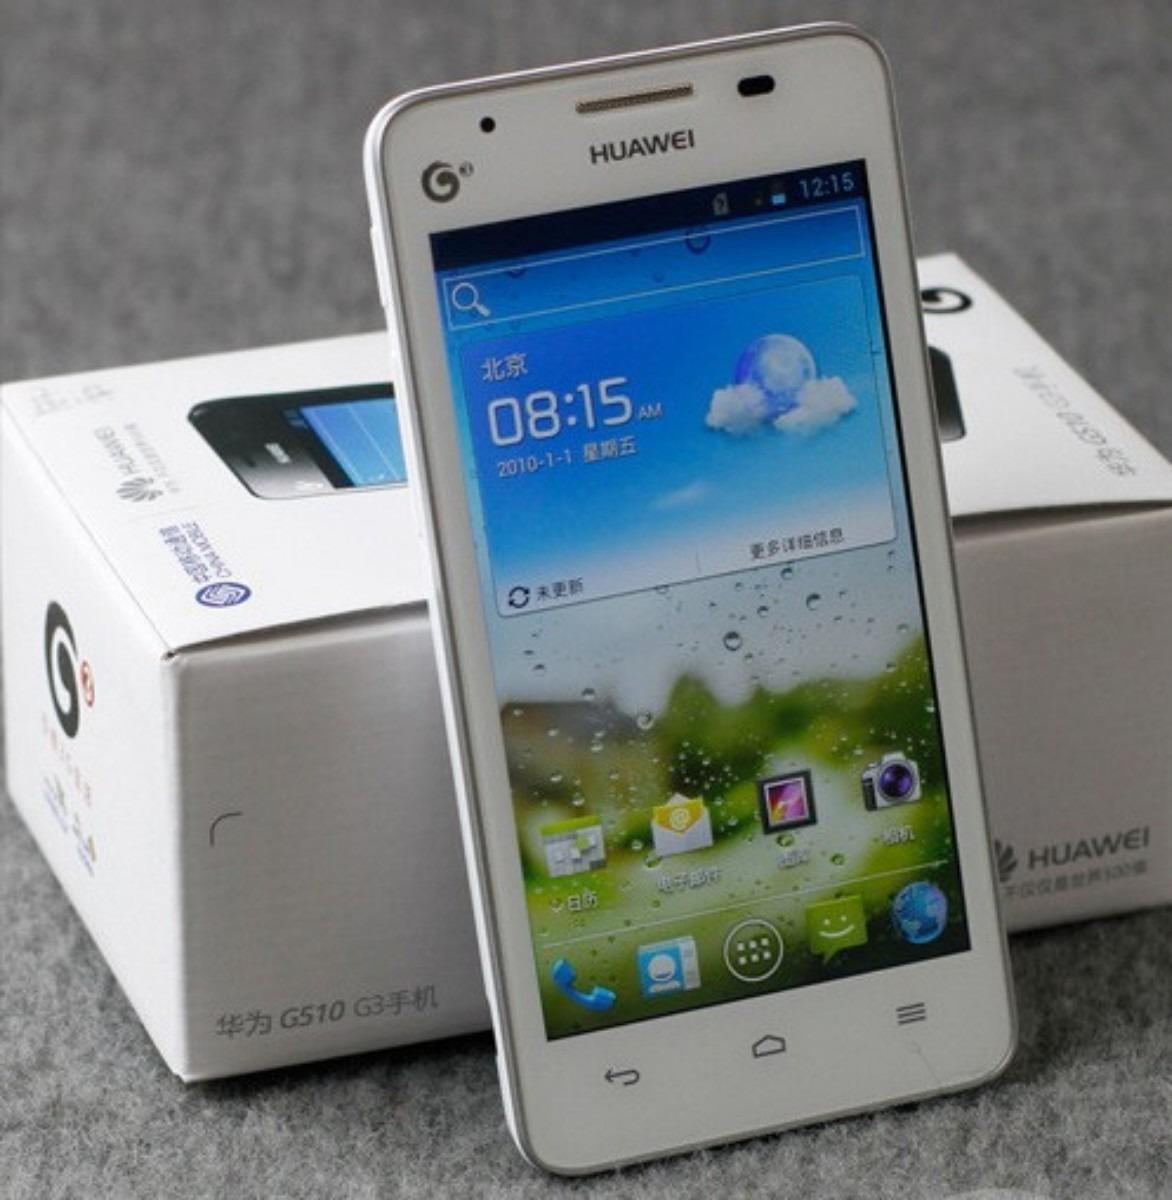 Huawei       G510    Blanco Y Negro    299900 en Mercado Libre